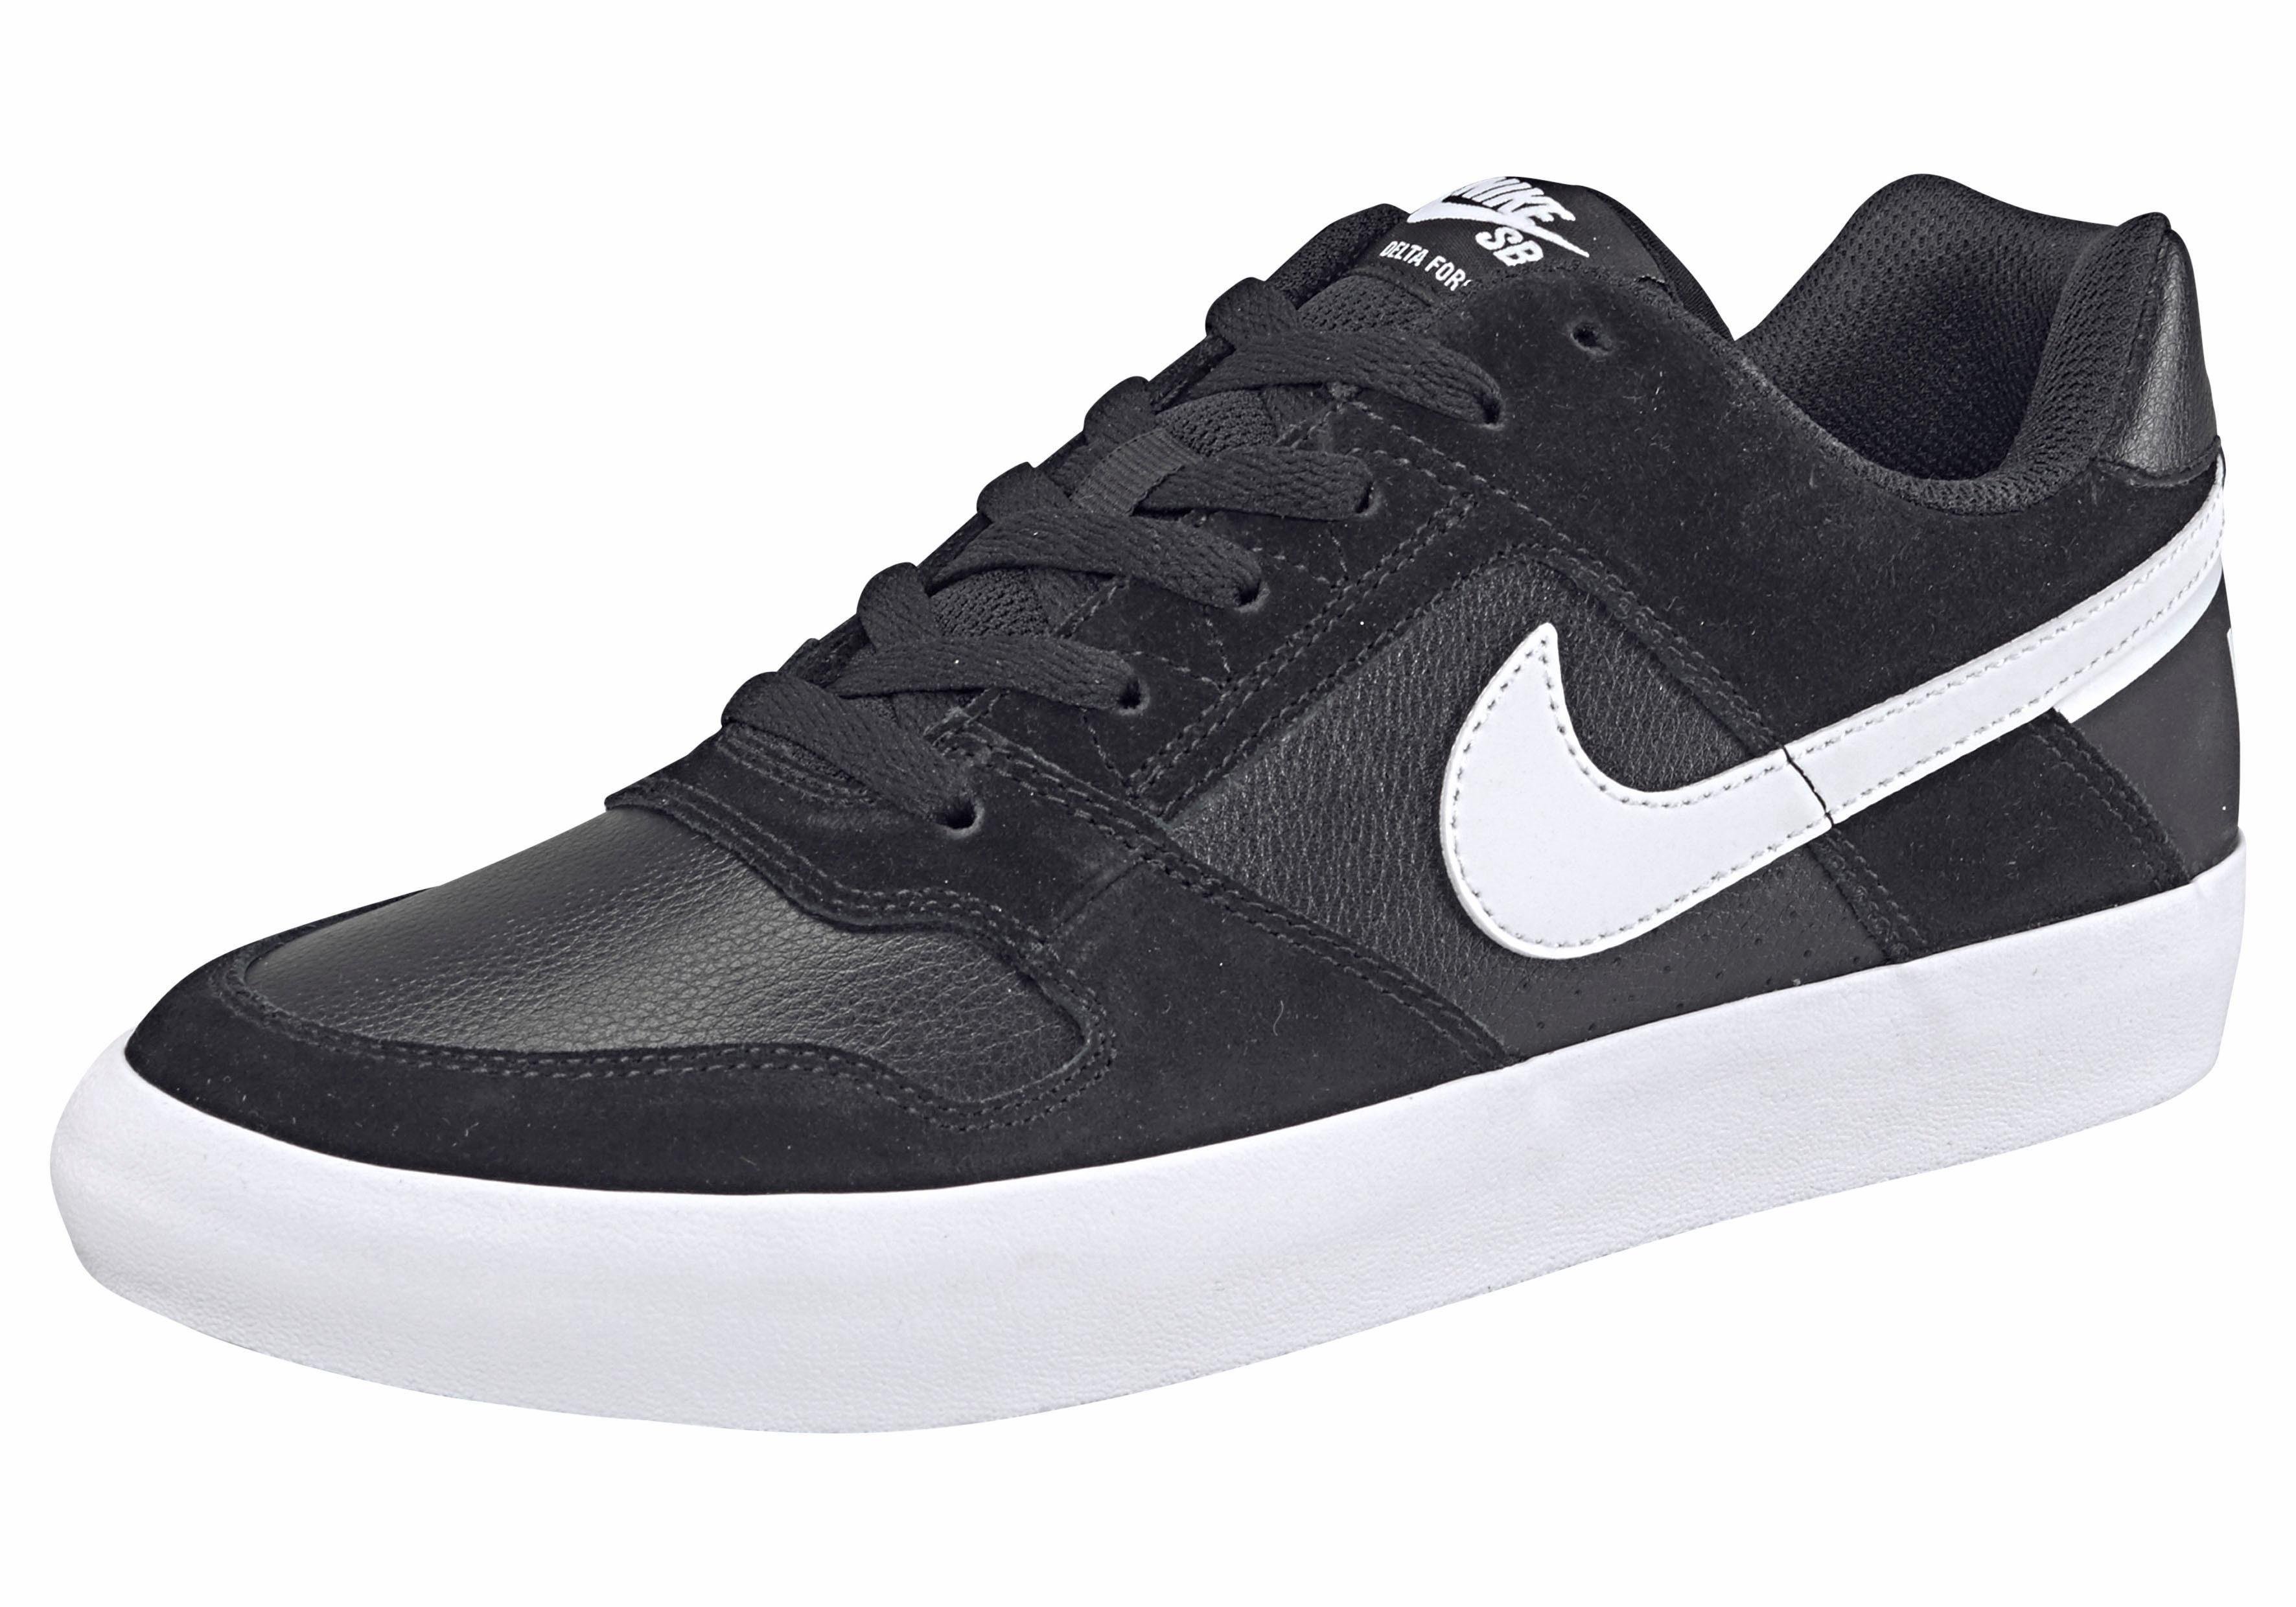 Nike SB »SB Delta Force Vulc Skate« Sneaker kaufen   OTTO